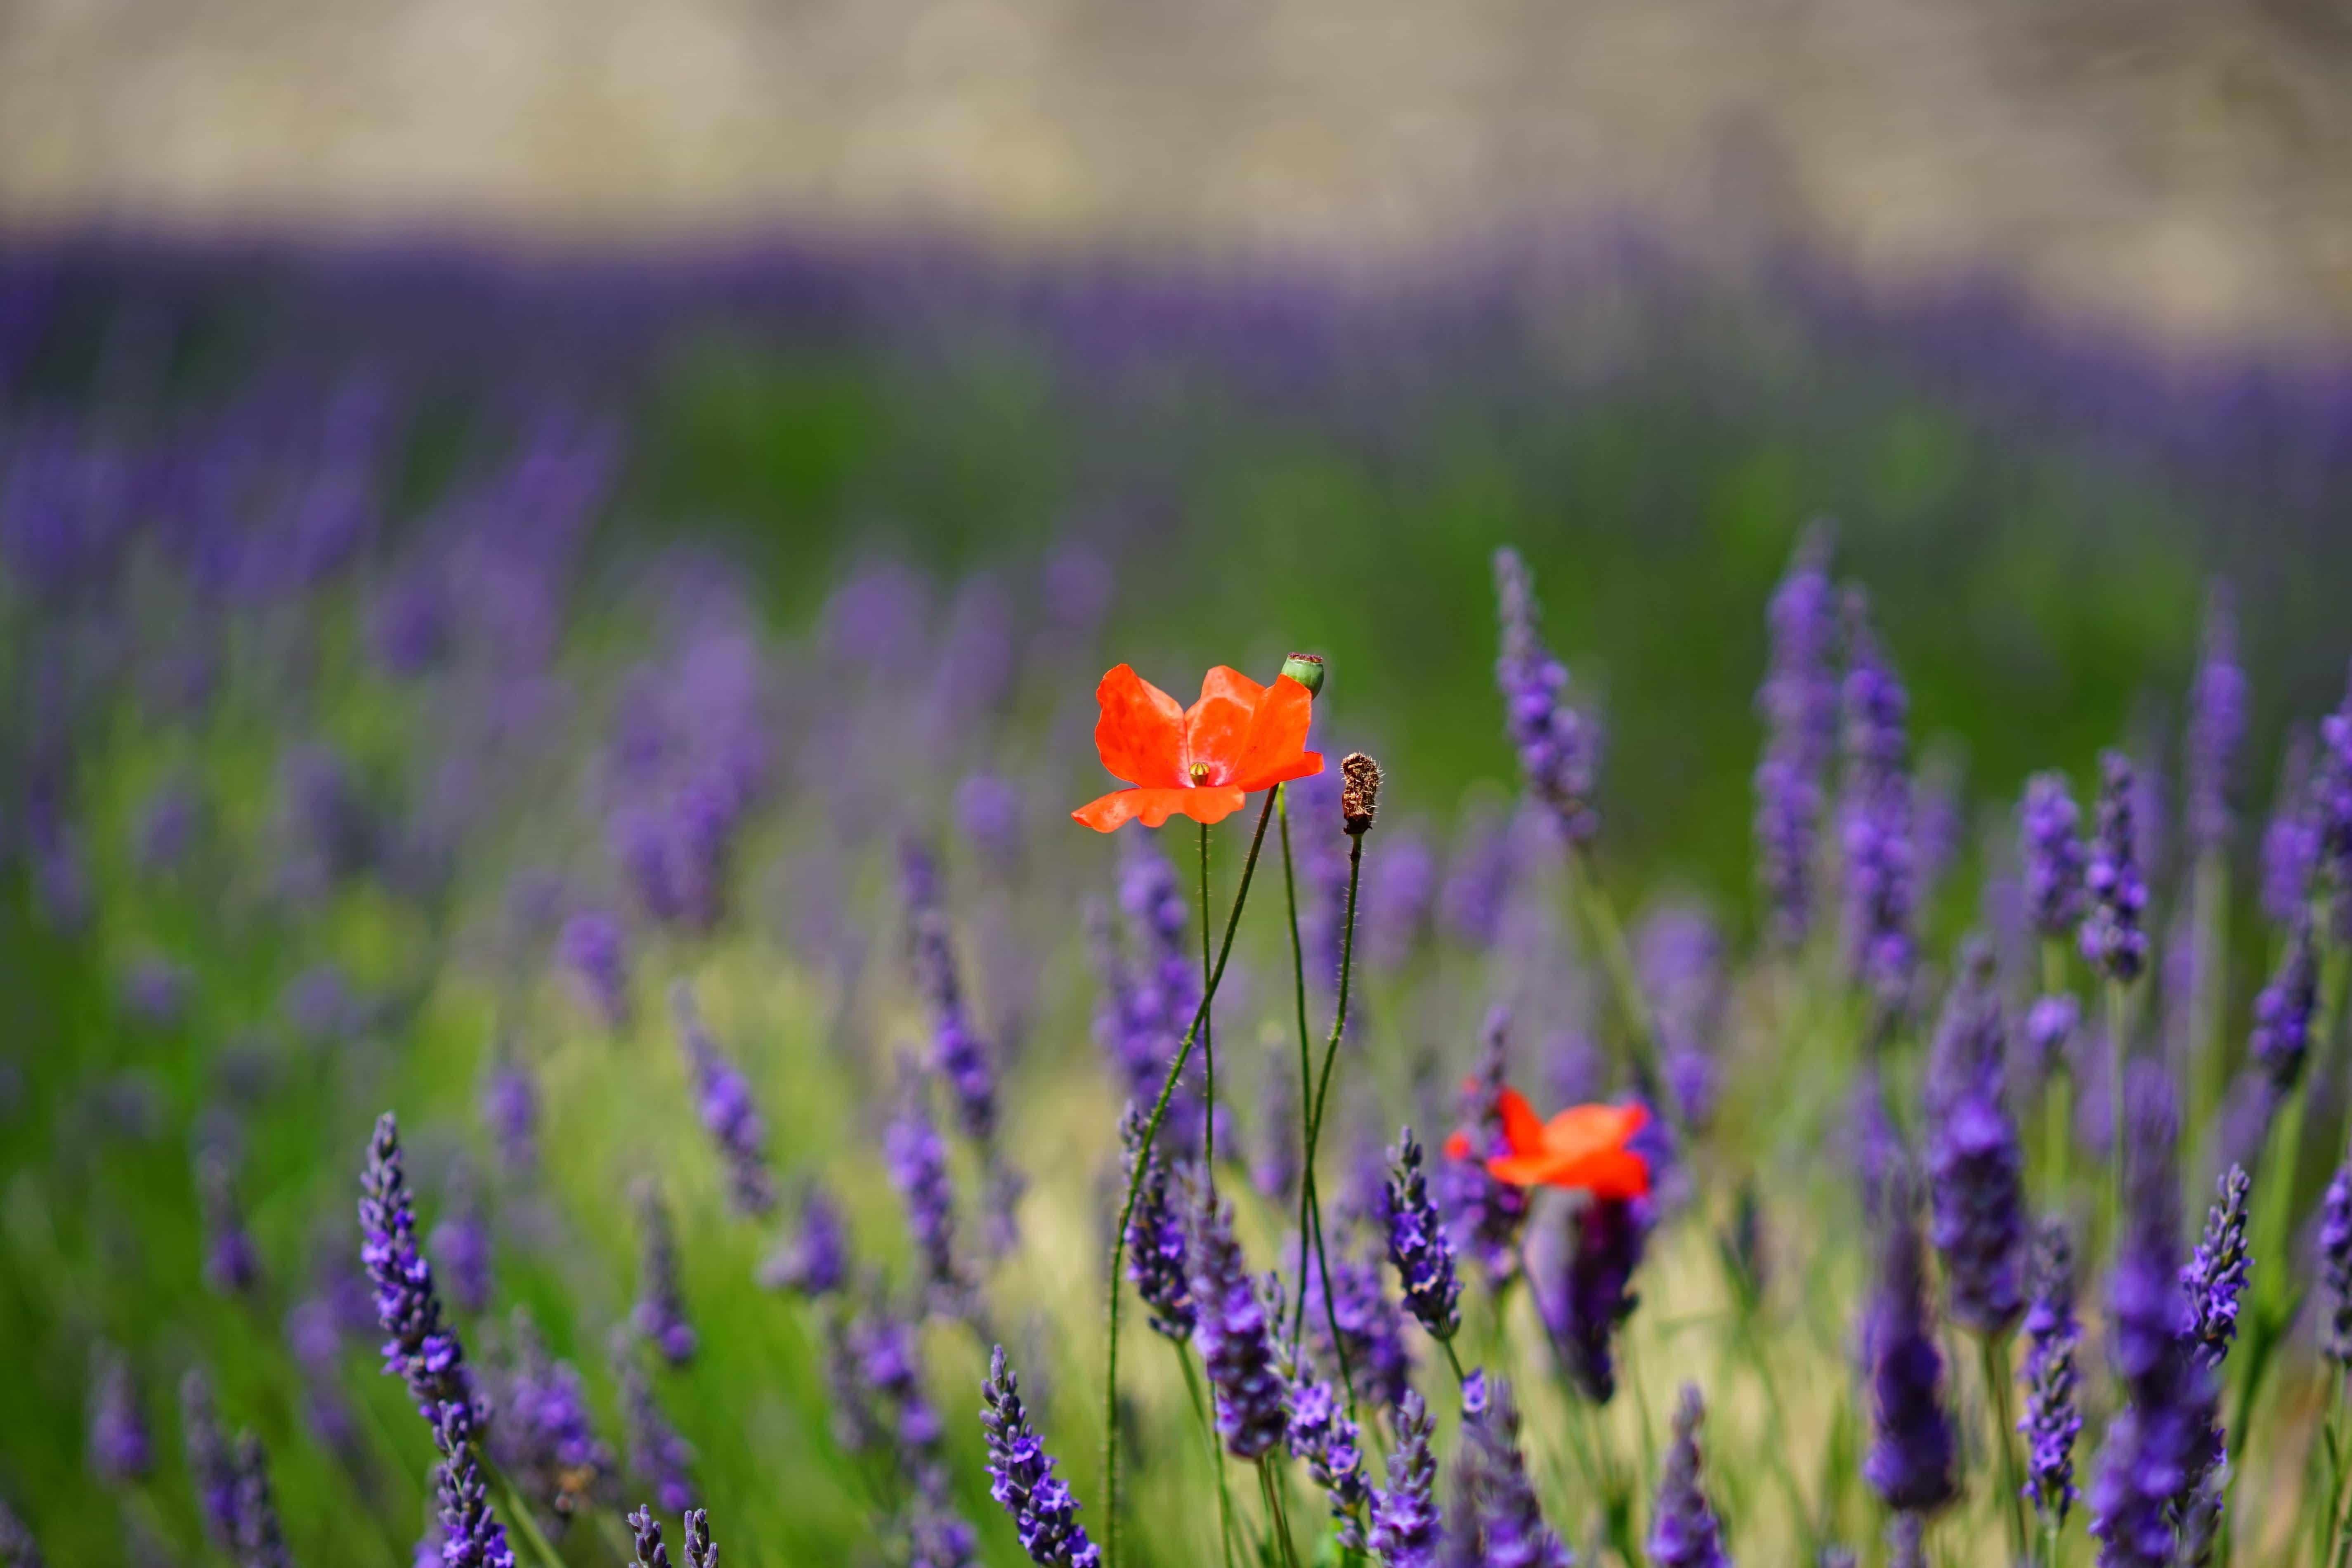 Imagen gratis: flores, horticultura, campo, naturaleza ...